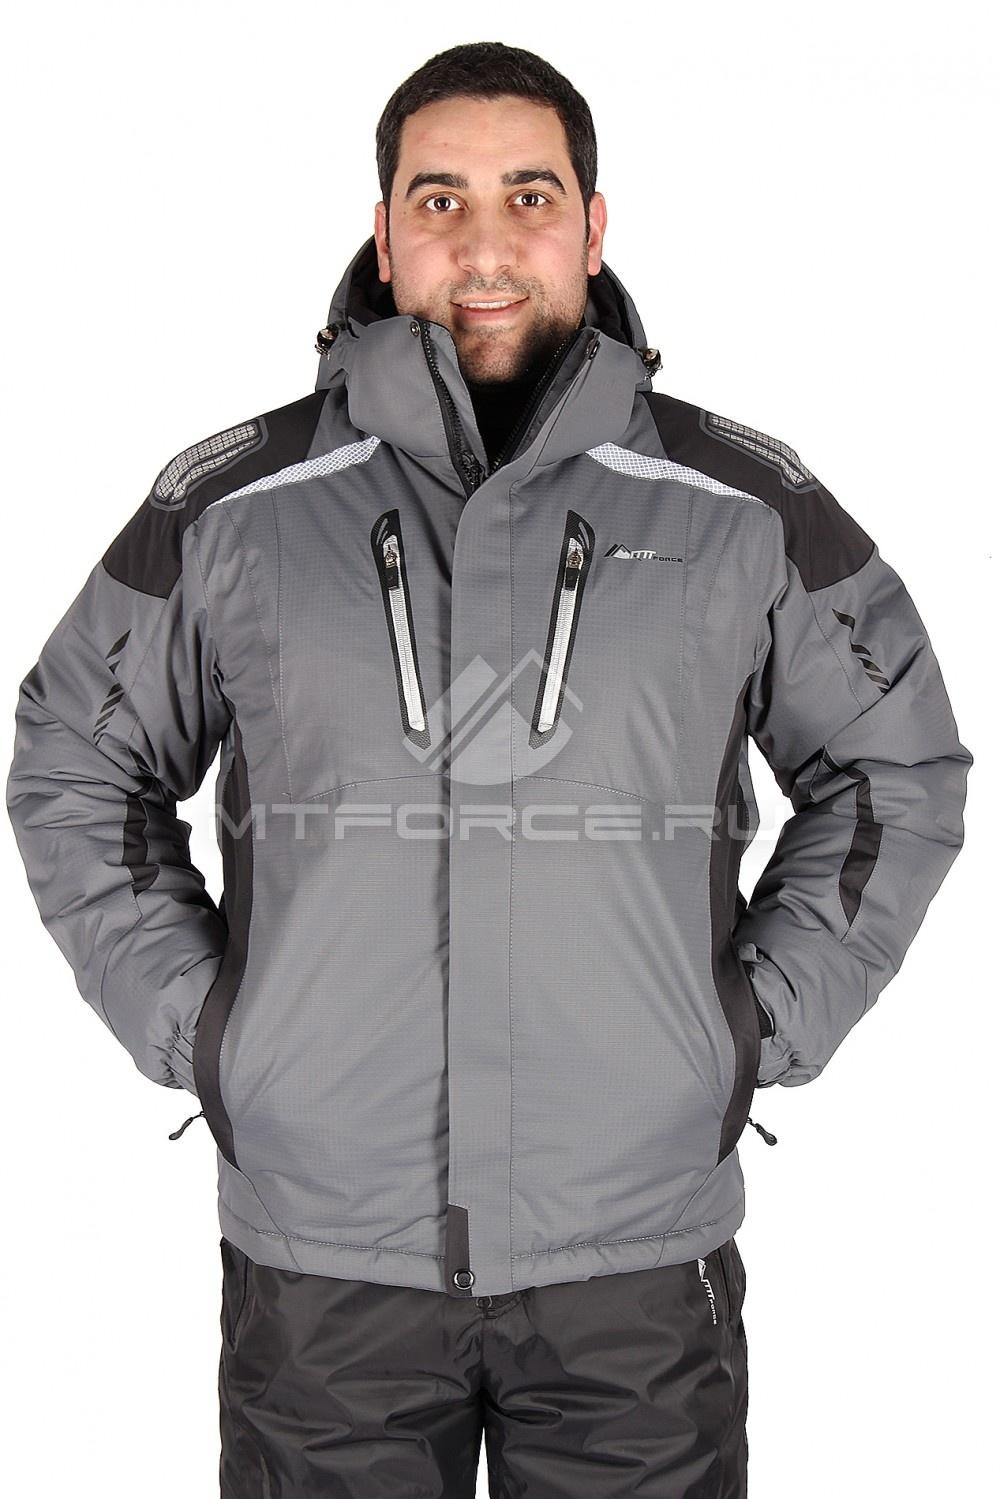 Купить                                  оптом Куртка горнолыжная мужская серого цвета 1552Sr в Санкт-Петербурге